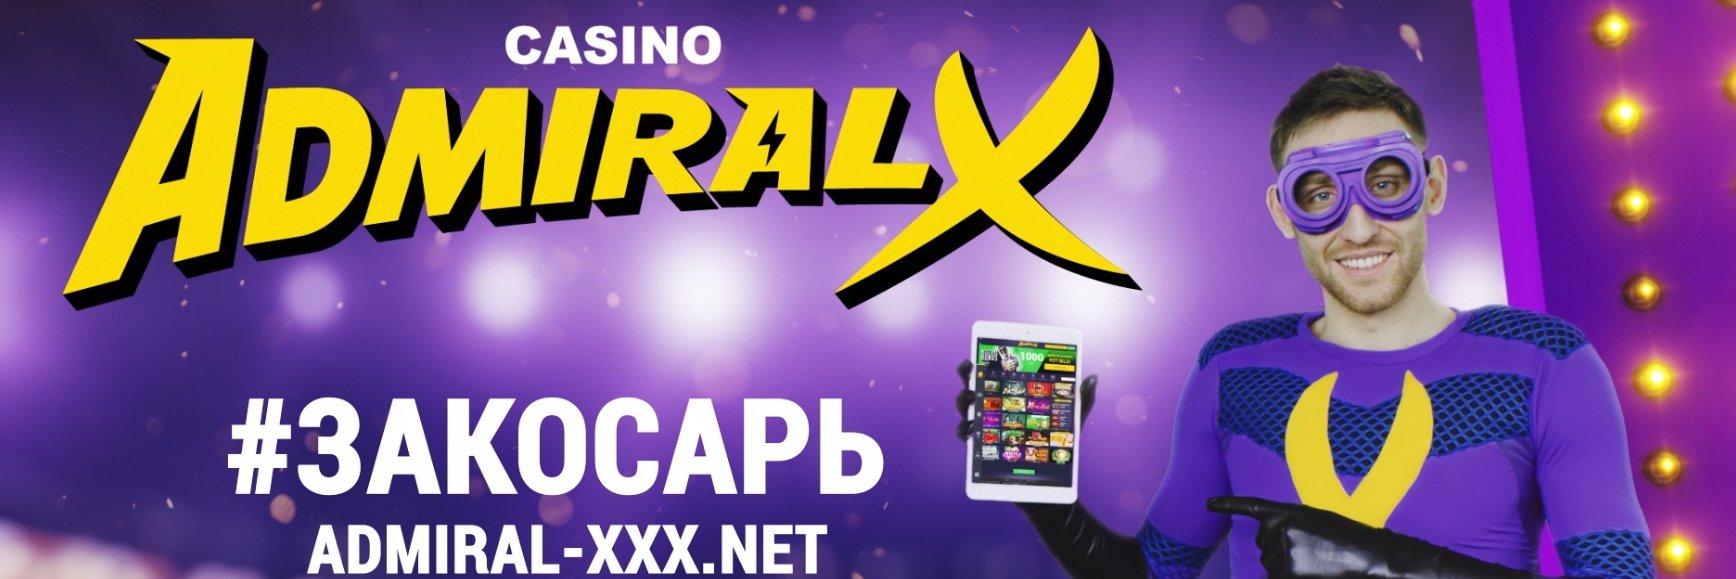 официальный сайт адмирал х официальный казино